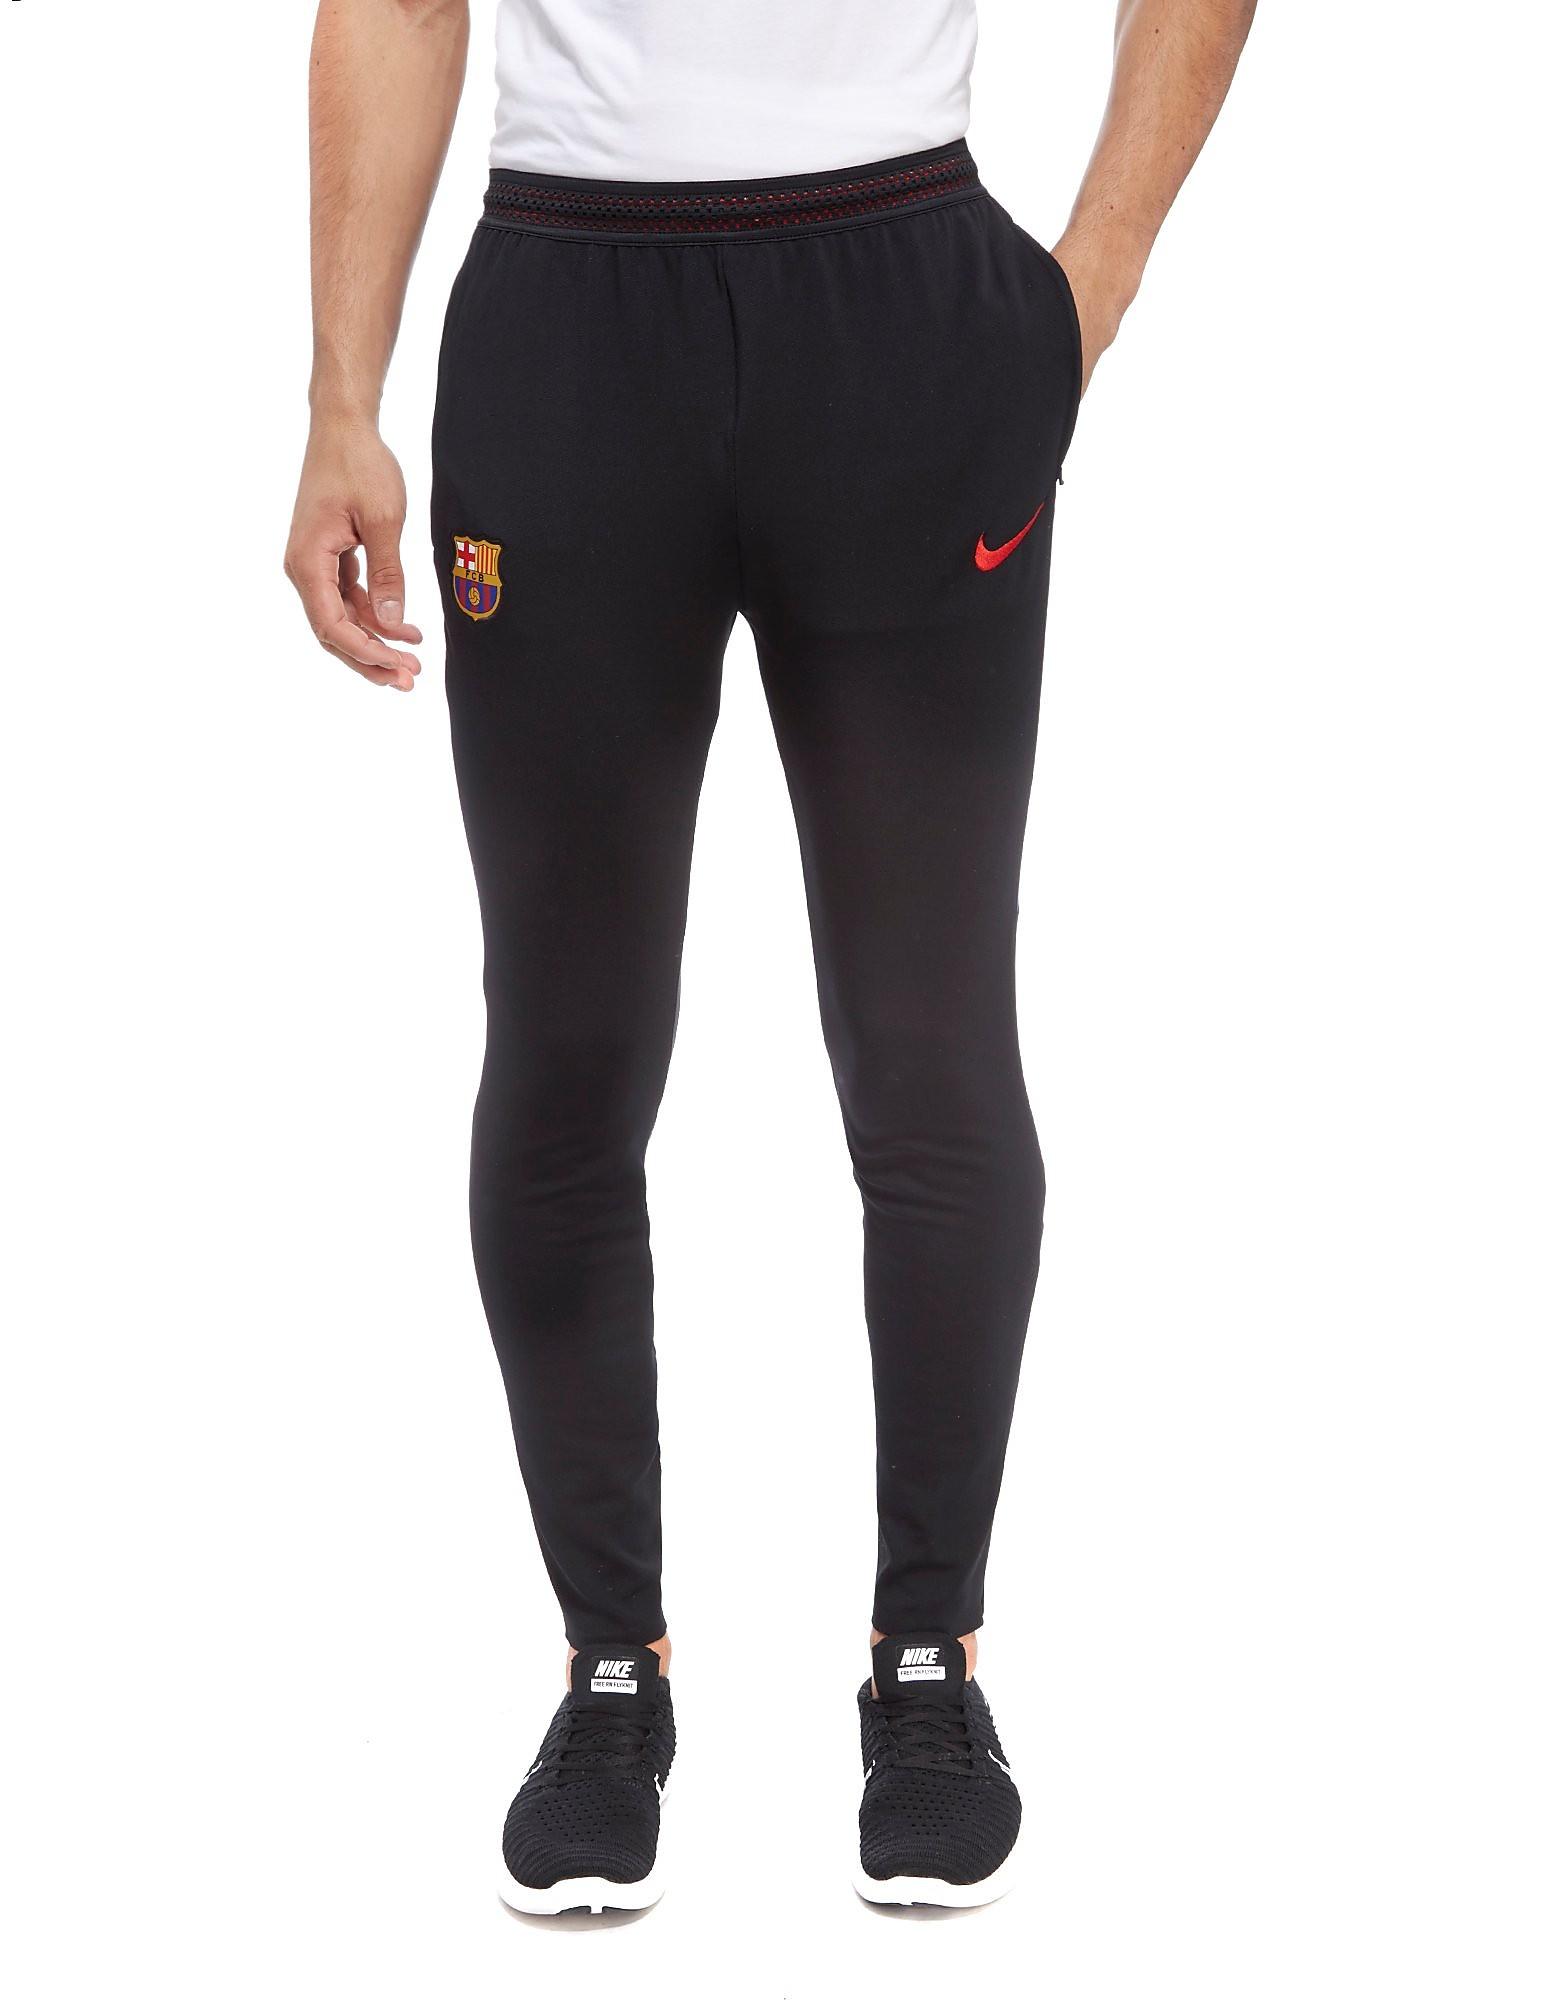 Nike Pantalon FC Barcelona 2017 Aero Swift